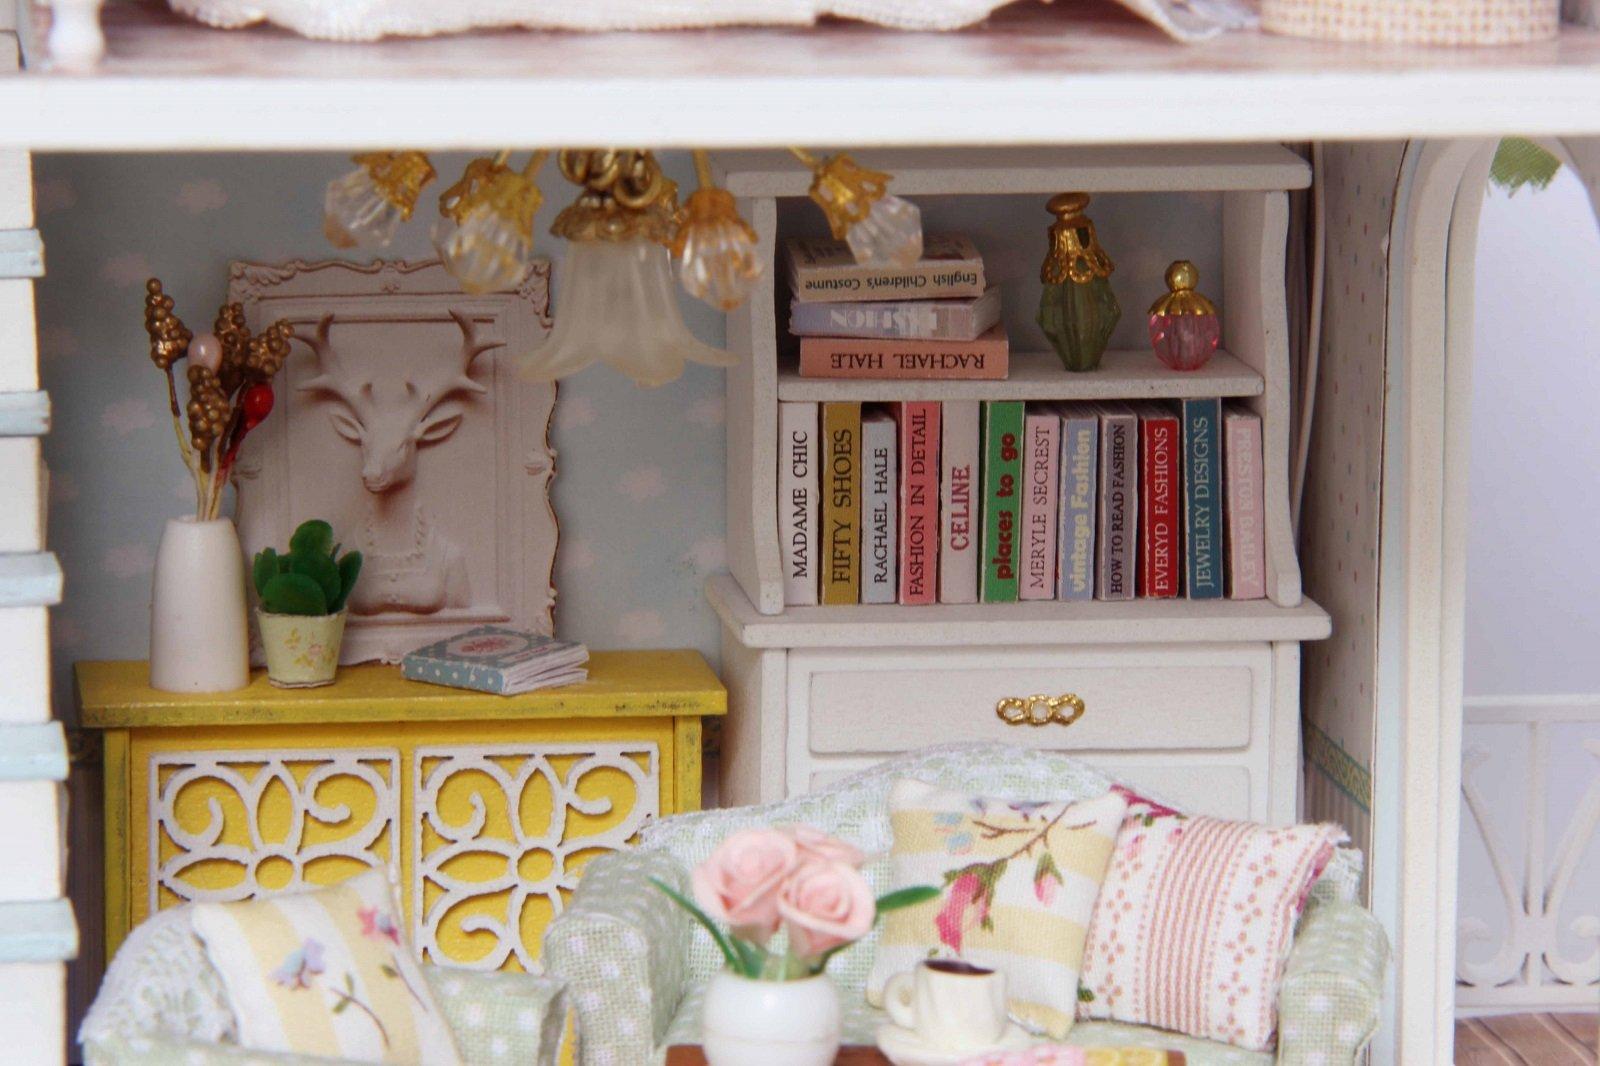 Mobili Per Casa Delle Bambole Fai Da Te : Kit per casa delle bambole fai da te in miniatura in legno fatta